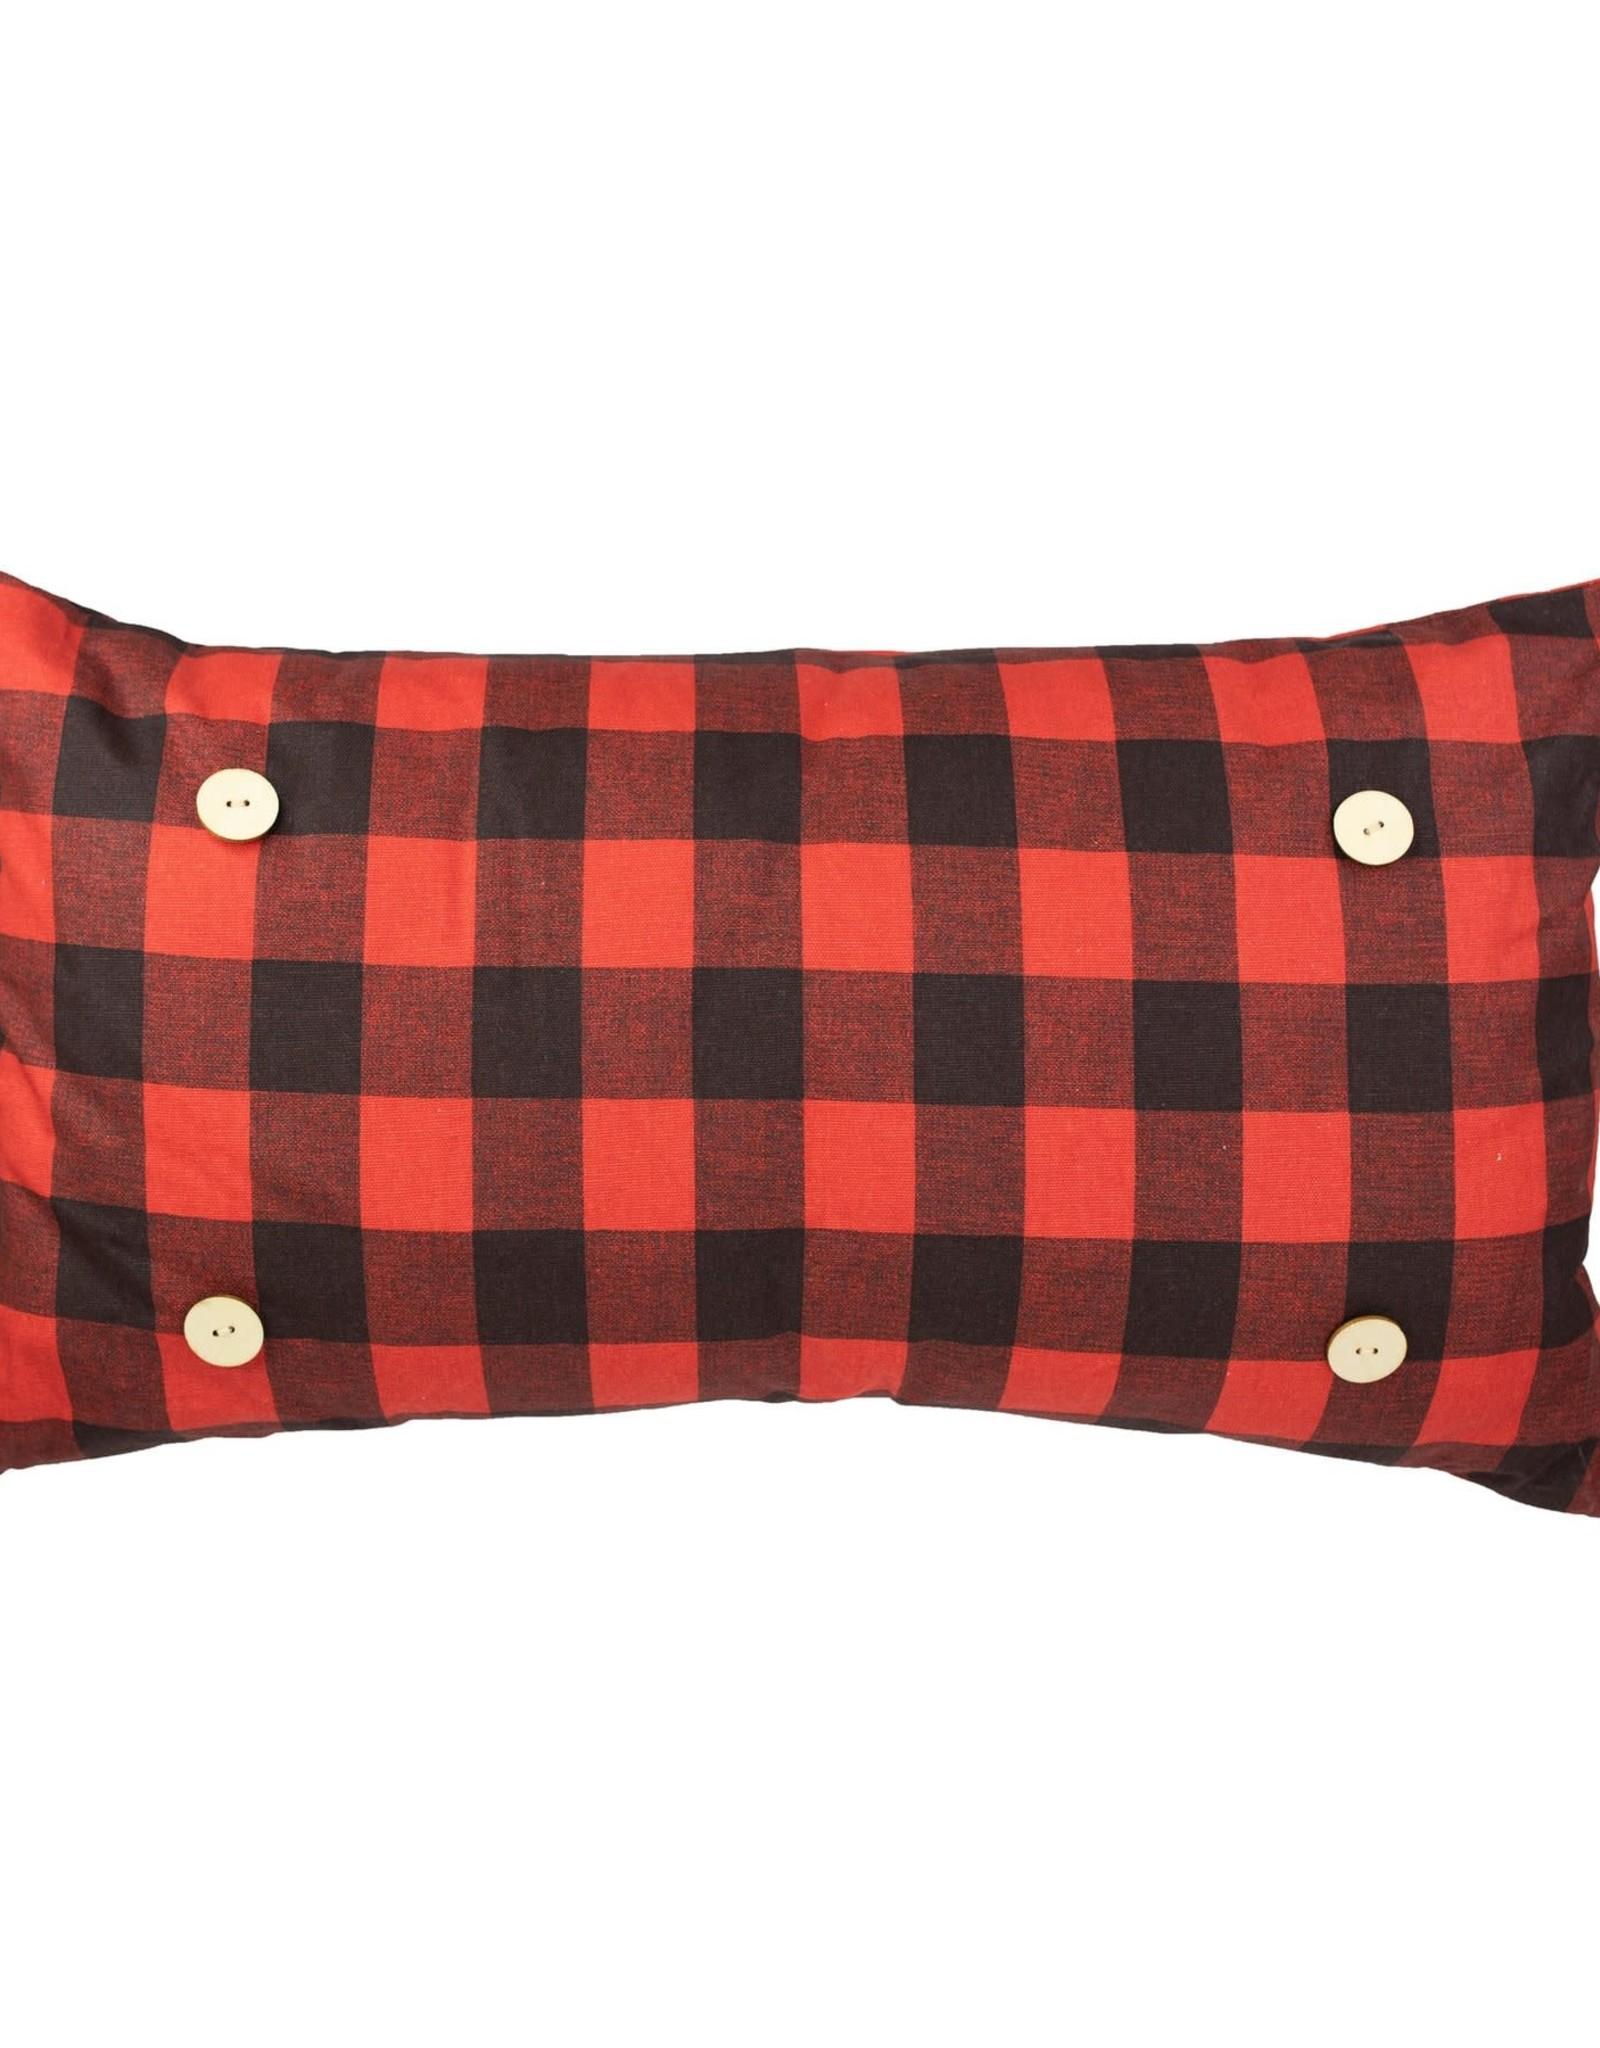 Luckybird Button Pillow - Red Buffalo